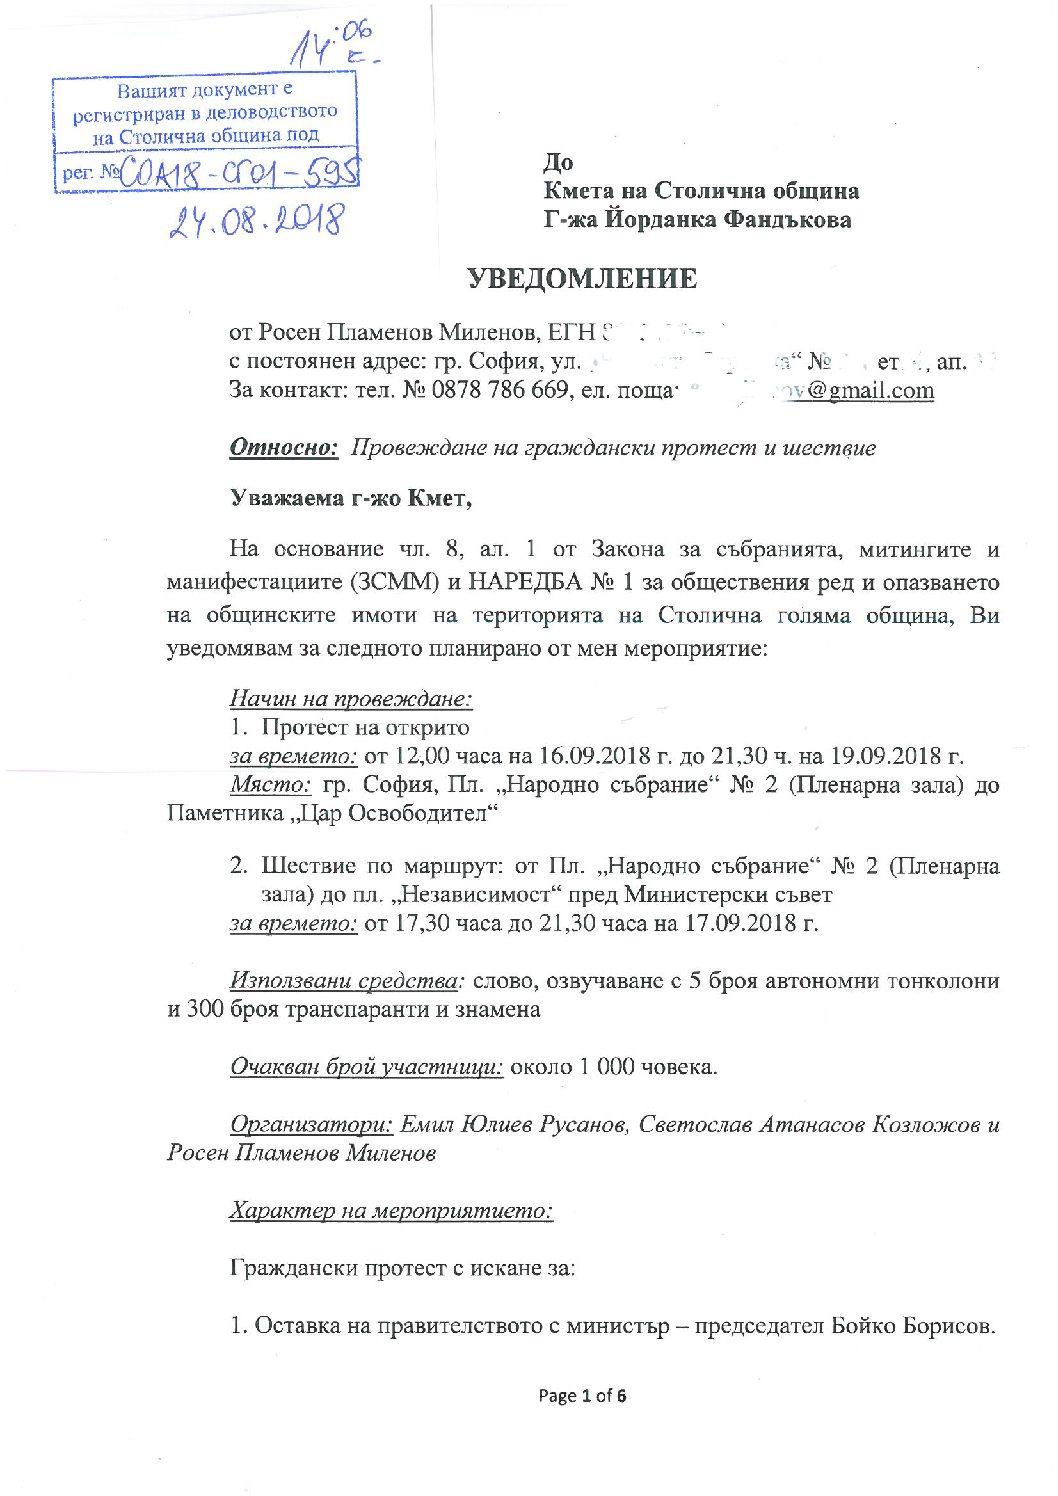 Протест на 16.09.2018 г. с искане за оставка на правителството с министър – председател Бойко Борисов